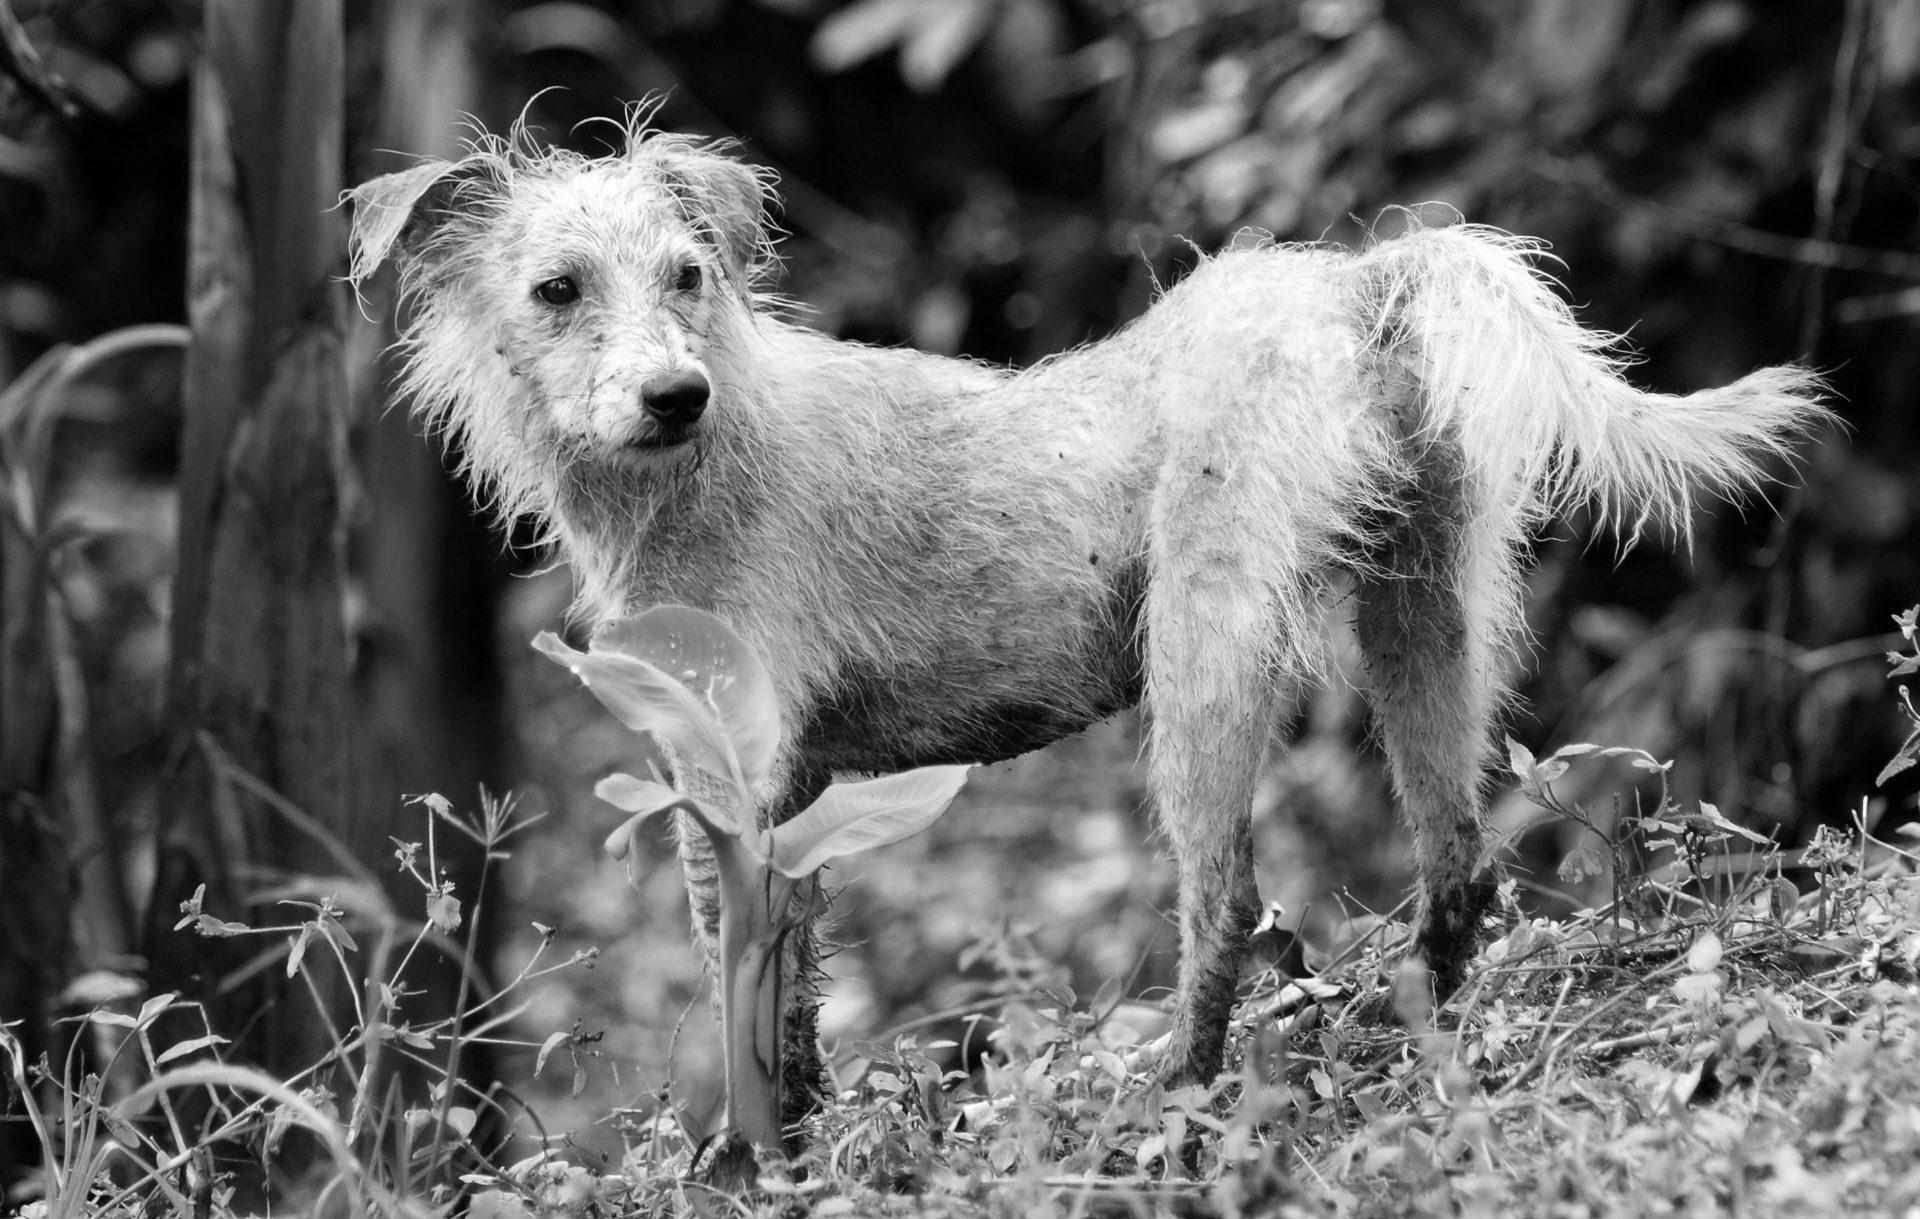 cane, Via, abbandonato, perso, sporco - Sfondi HD - Professor-falken.com